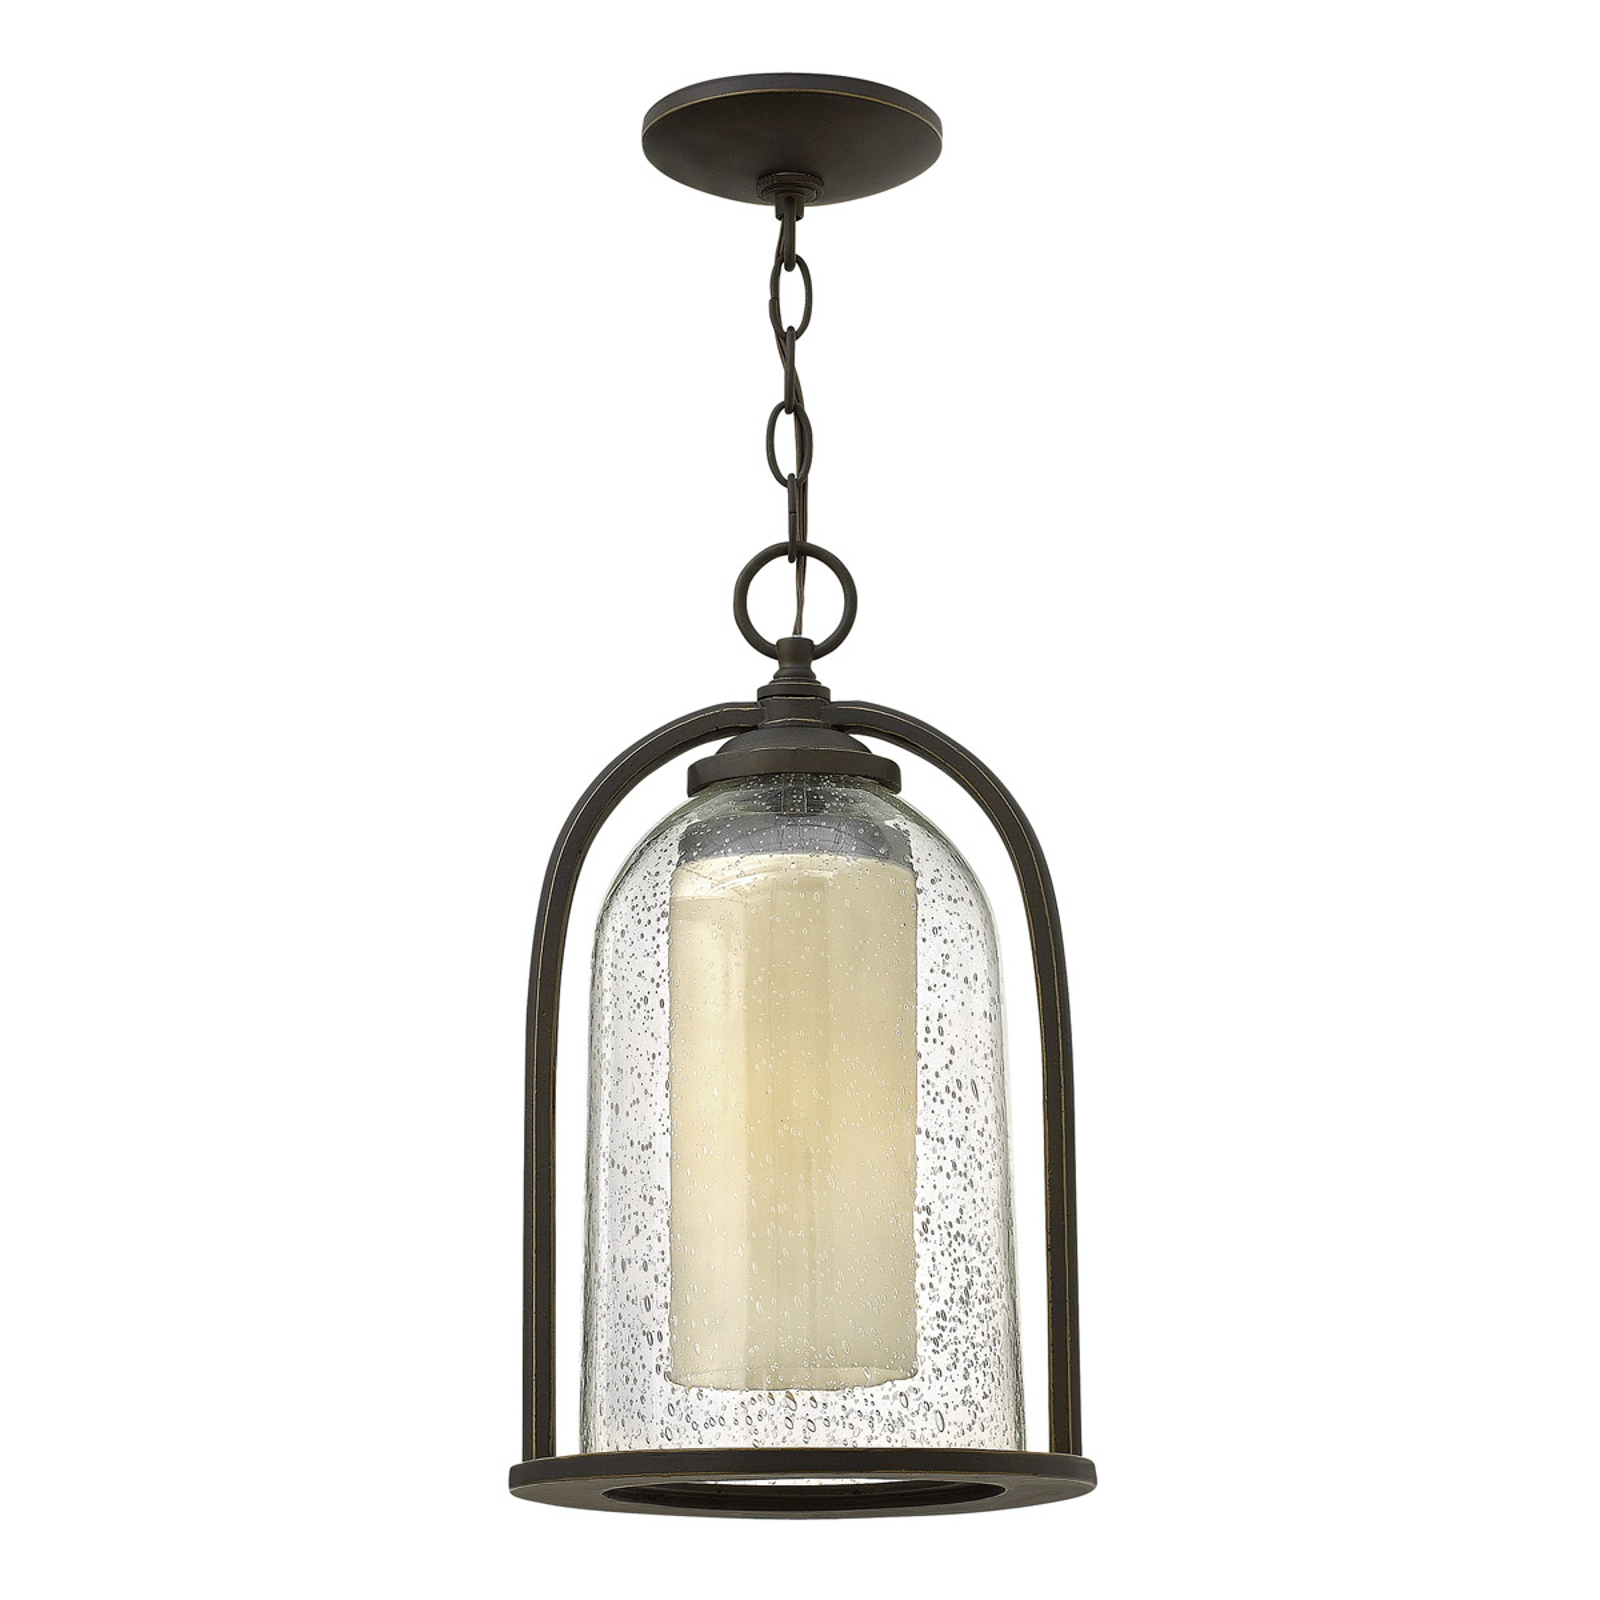 Závesná lampa s dvojitým tienidlom Quincy exteriér_3048375_1